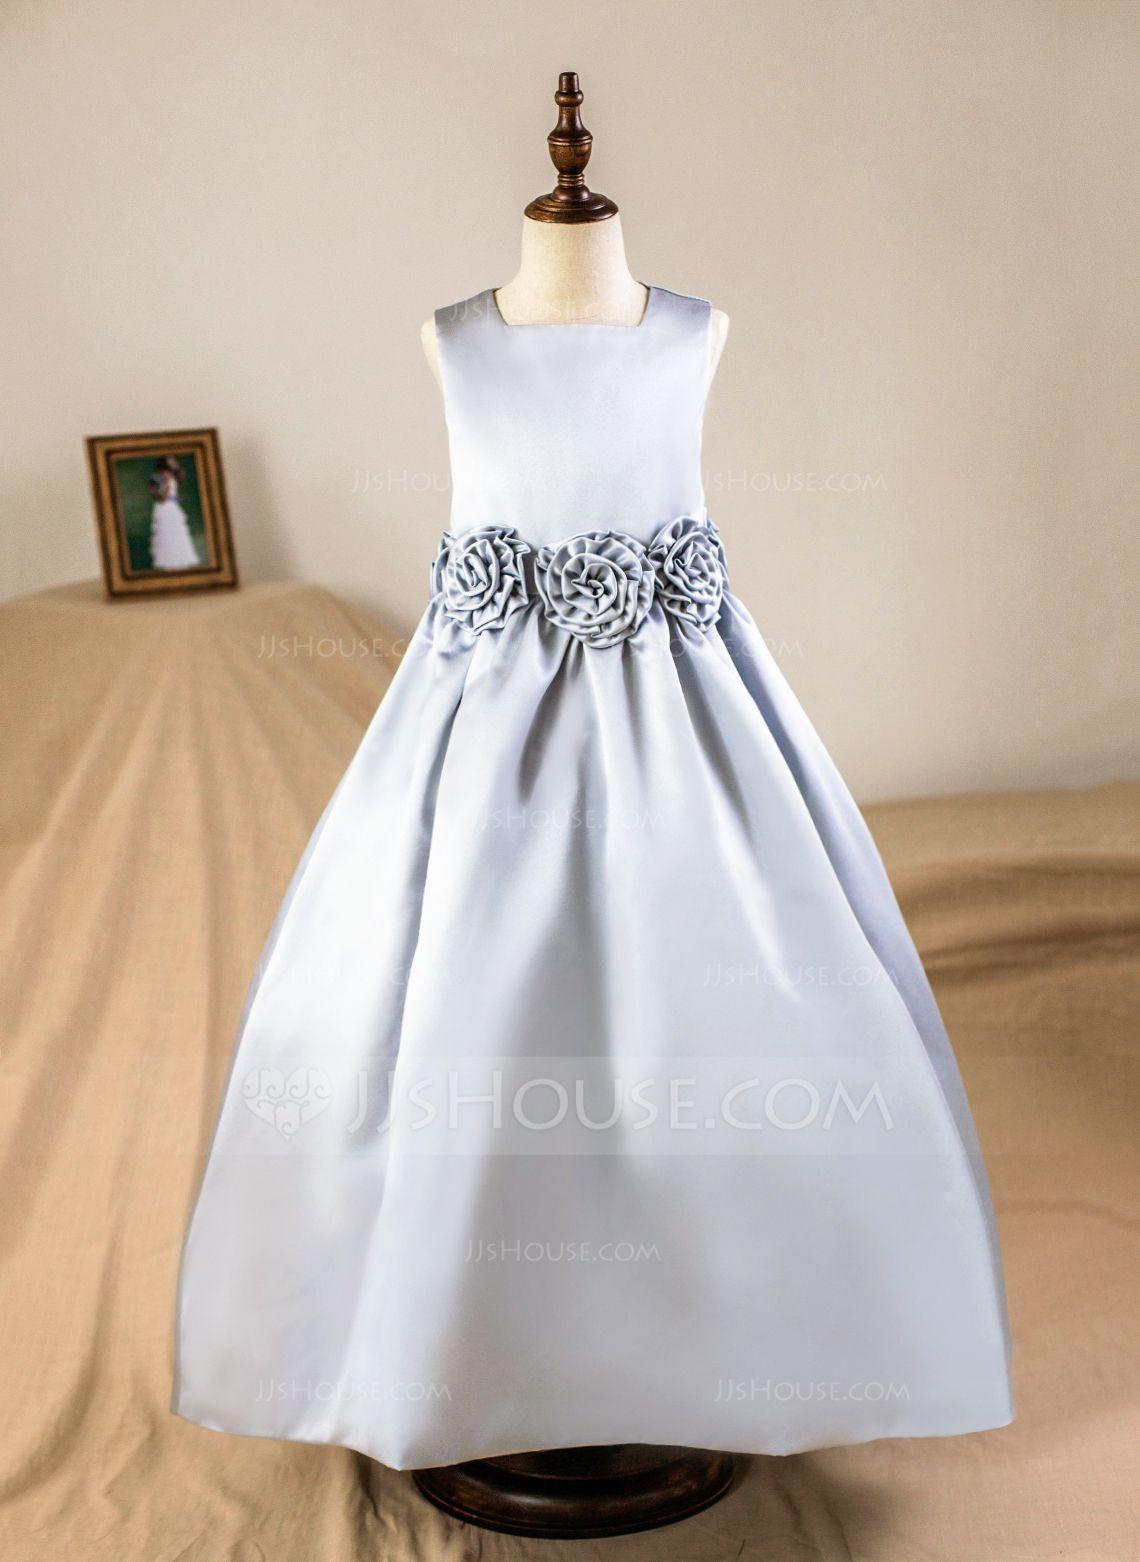 094b76ca5 A-Line/Princess Square Neckline Floor-length Flower(s) Satin Sleeveless Flower  Girl Dress (Petticoat NOT included) Flower Girl Dress